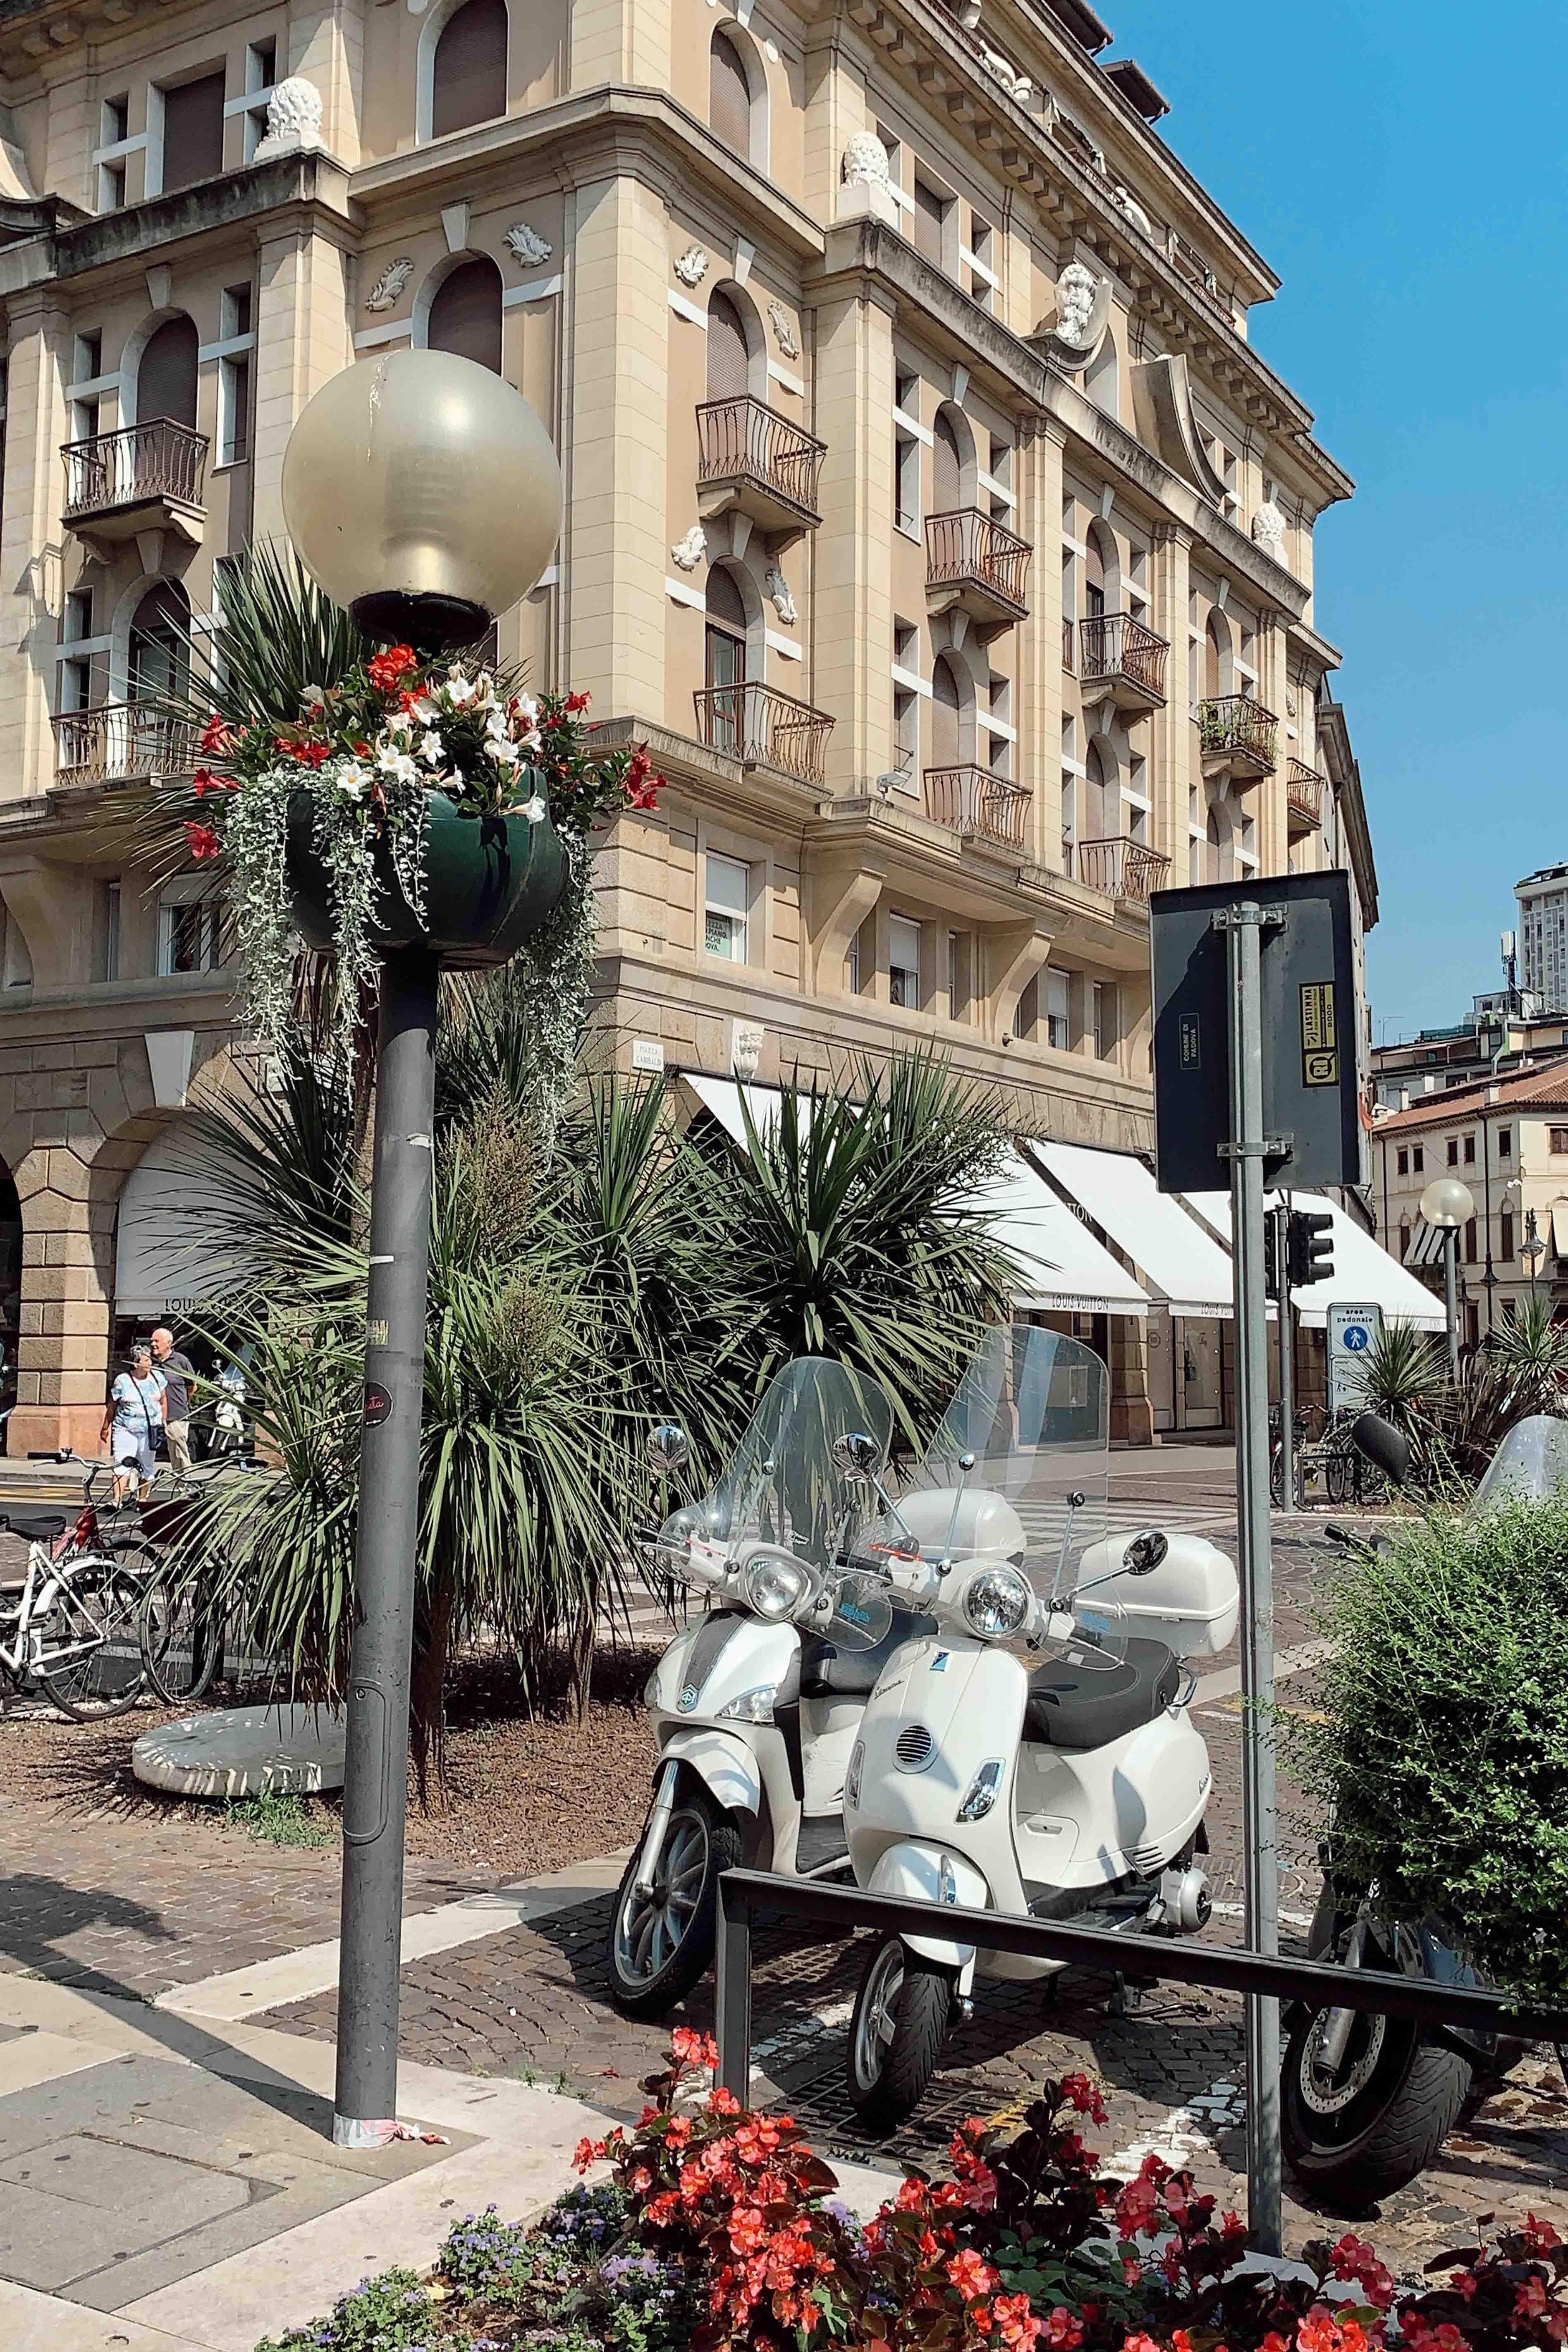 100 Jahre aperol feiern in venedig das it getränk aperol spritz